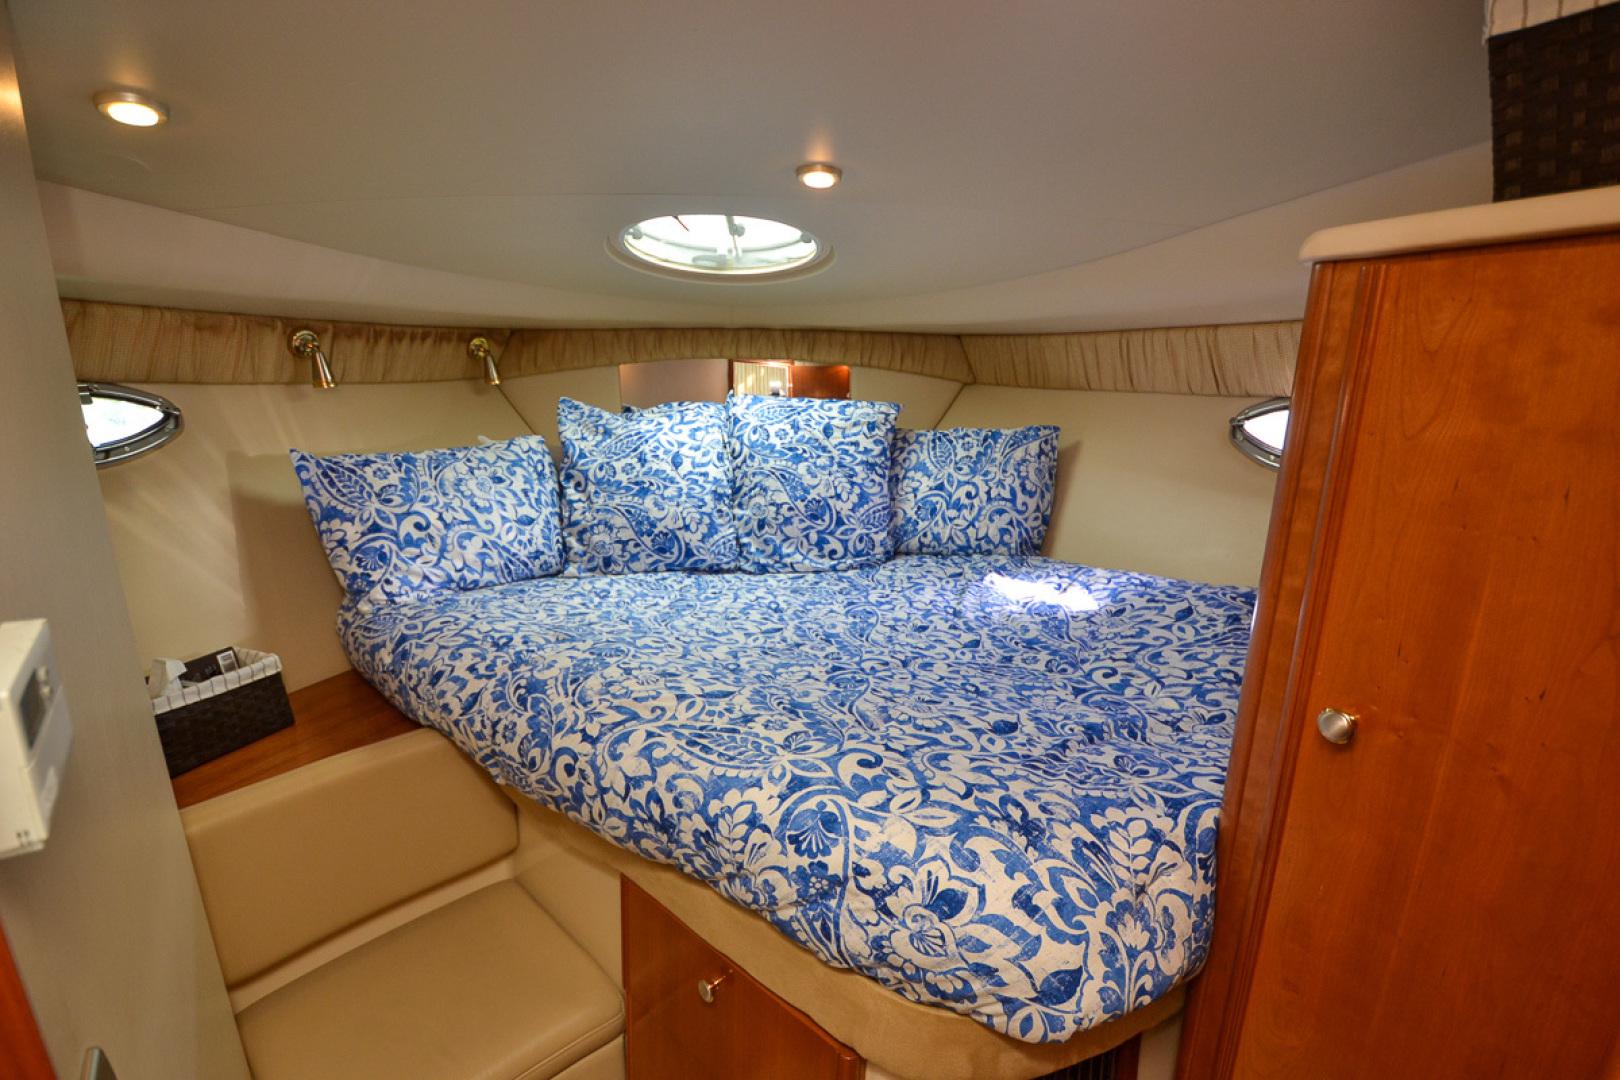 Meridian-341 Sedan 2004-Sea Harmony Belleair Beach-Florida-United States-1496647 | Thumbnail